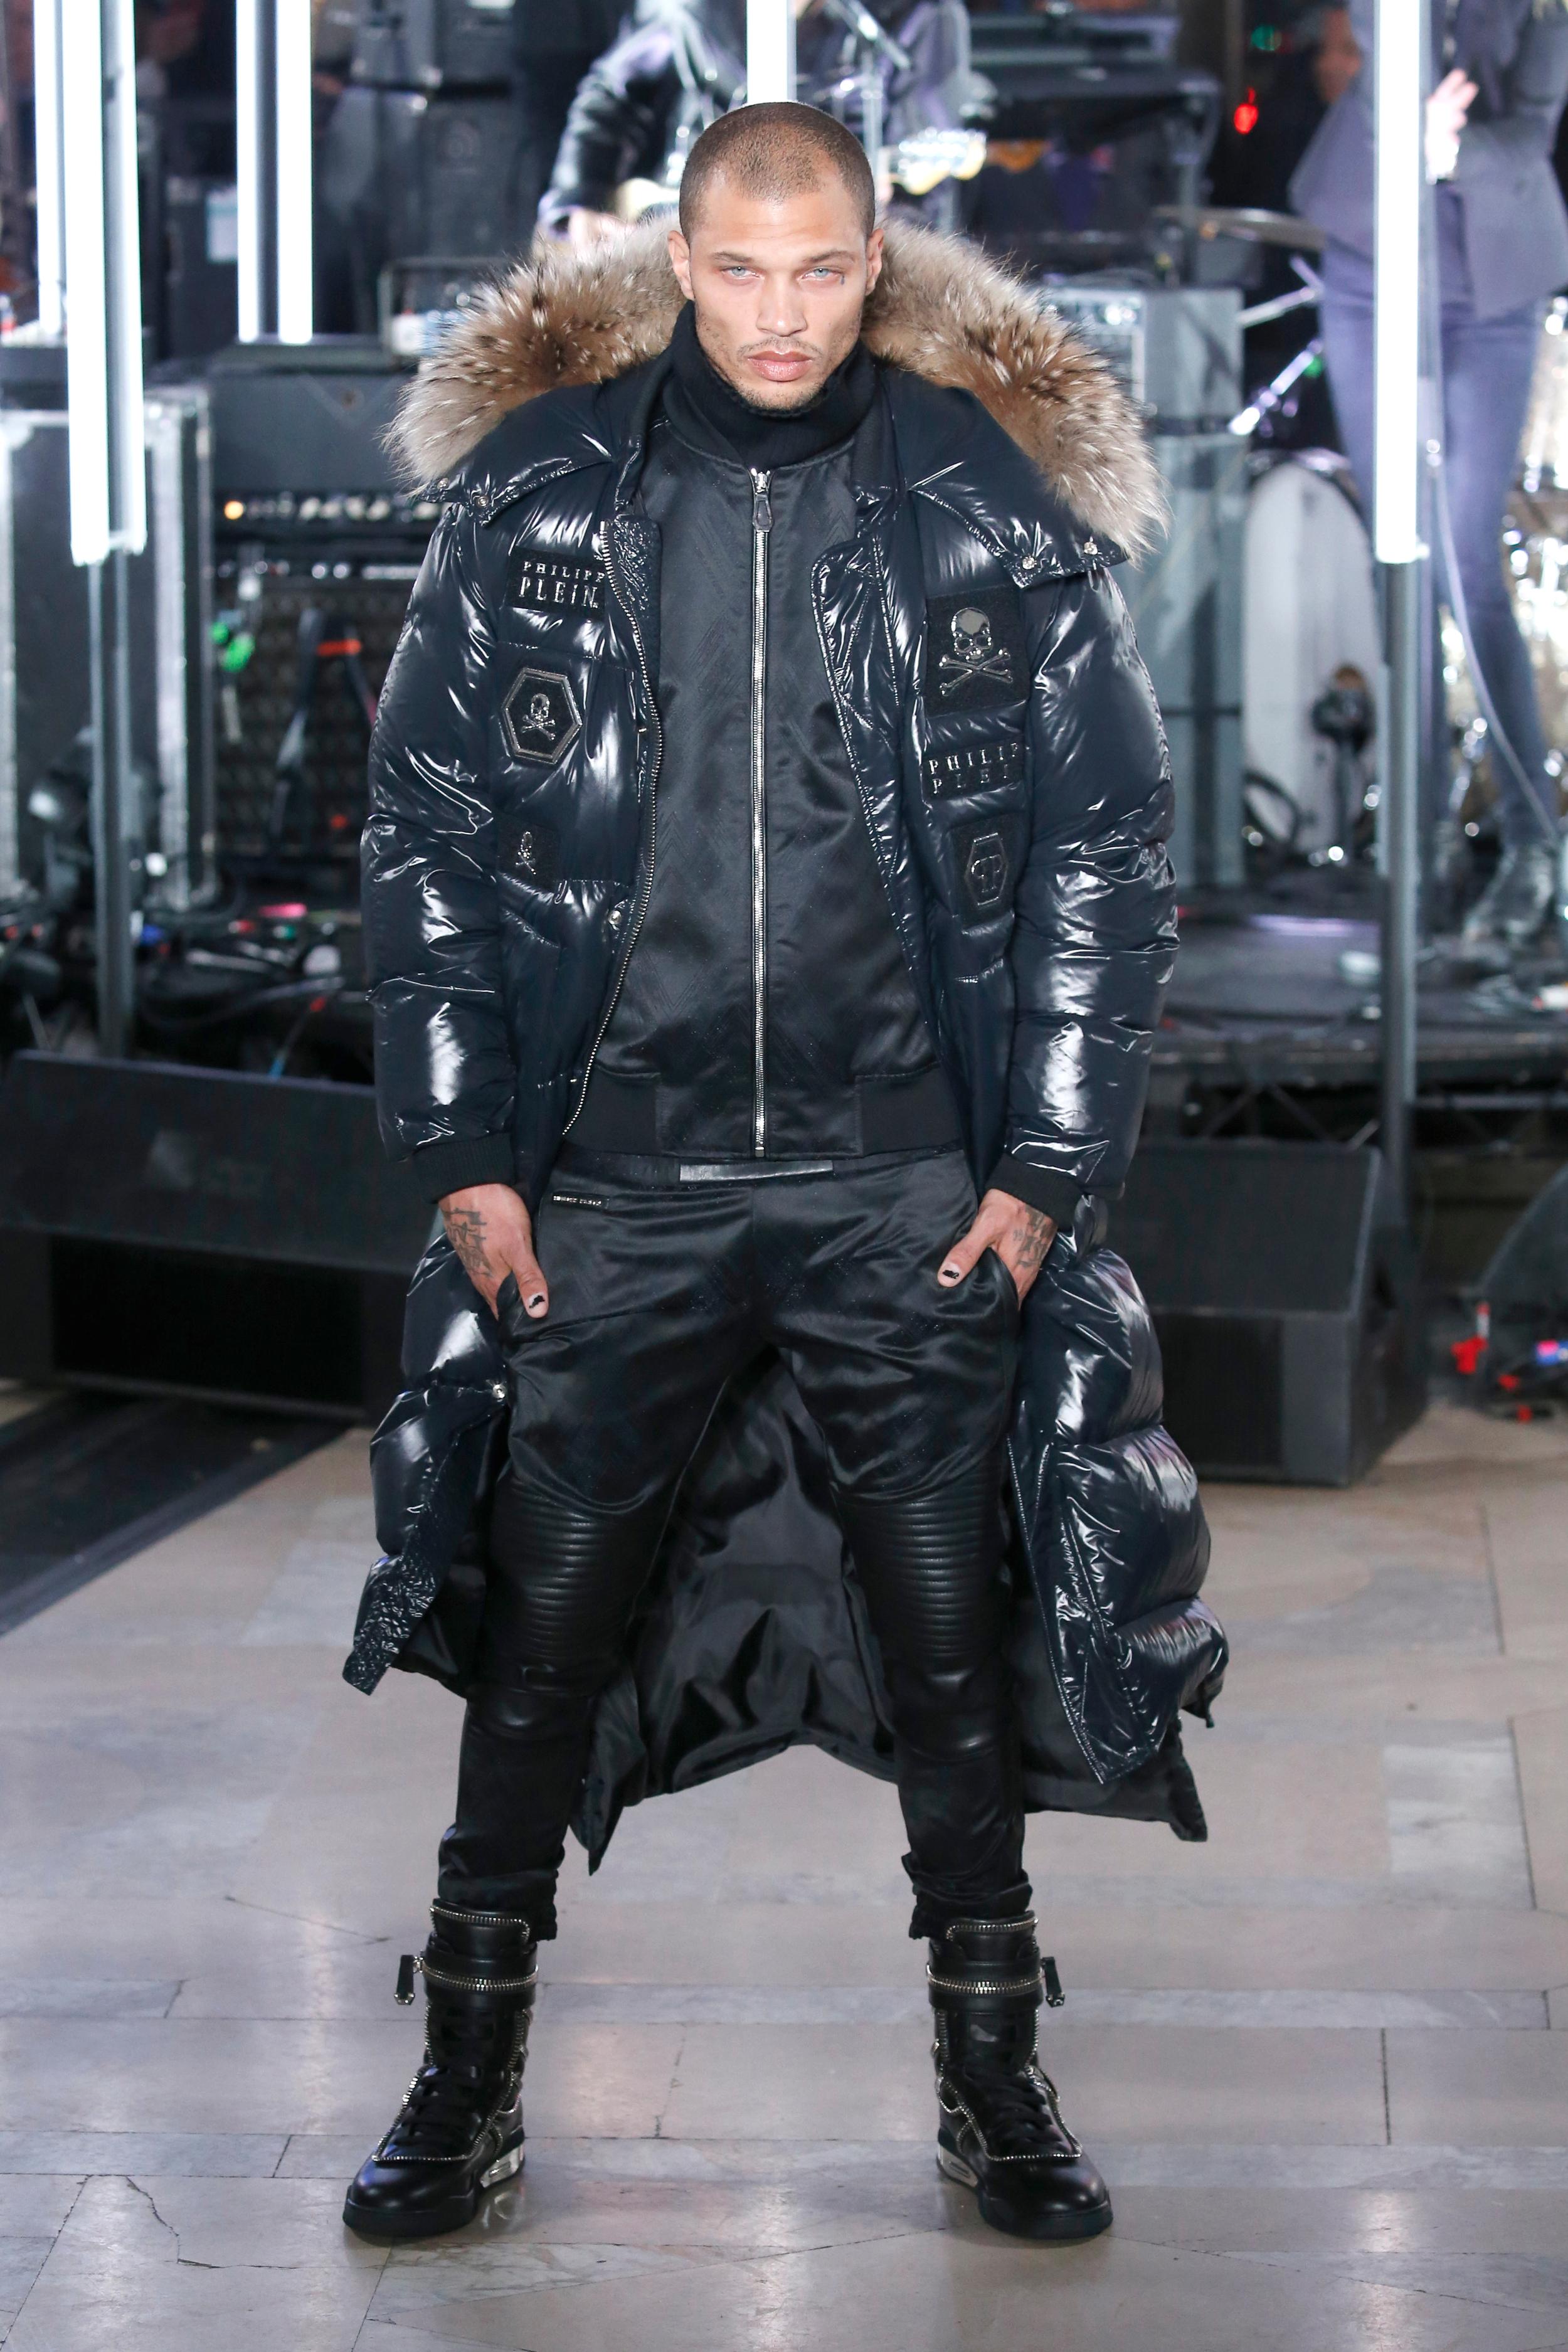 New York Fashion Week Winter: US-Model Jeremy Meeks präsentiert eine herbstliche Daunenjacke in der Show von Philipp Plein